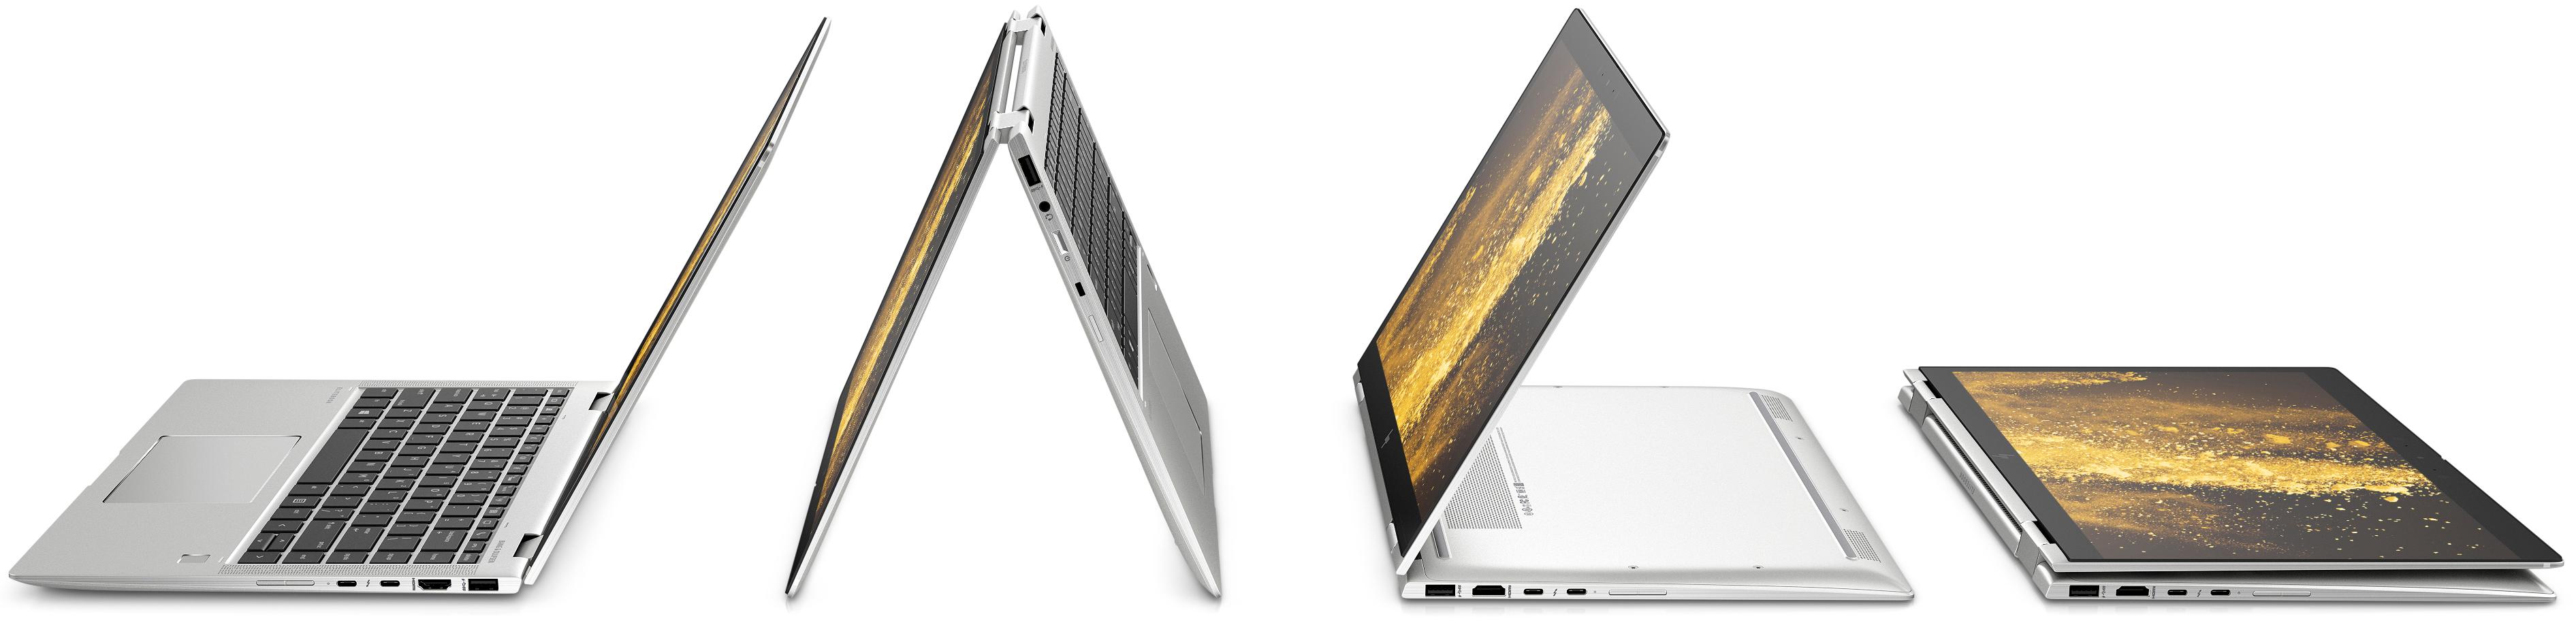 HP EliteBook x360 1040 G6 Positions